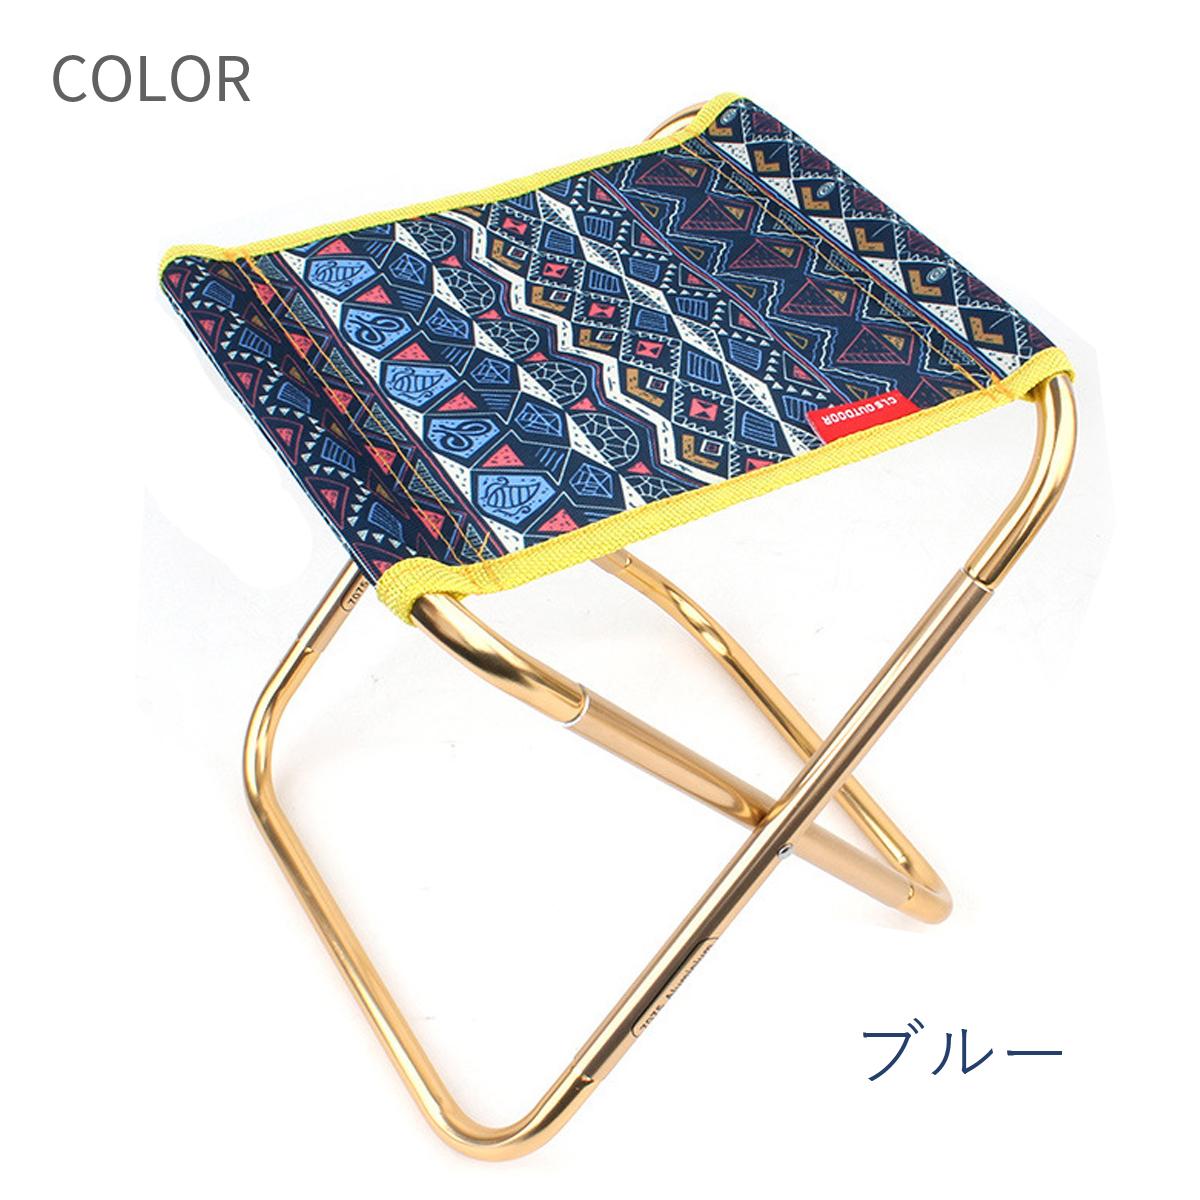 民族柄 ミニ折り畳みチェア ブルー